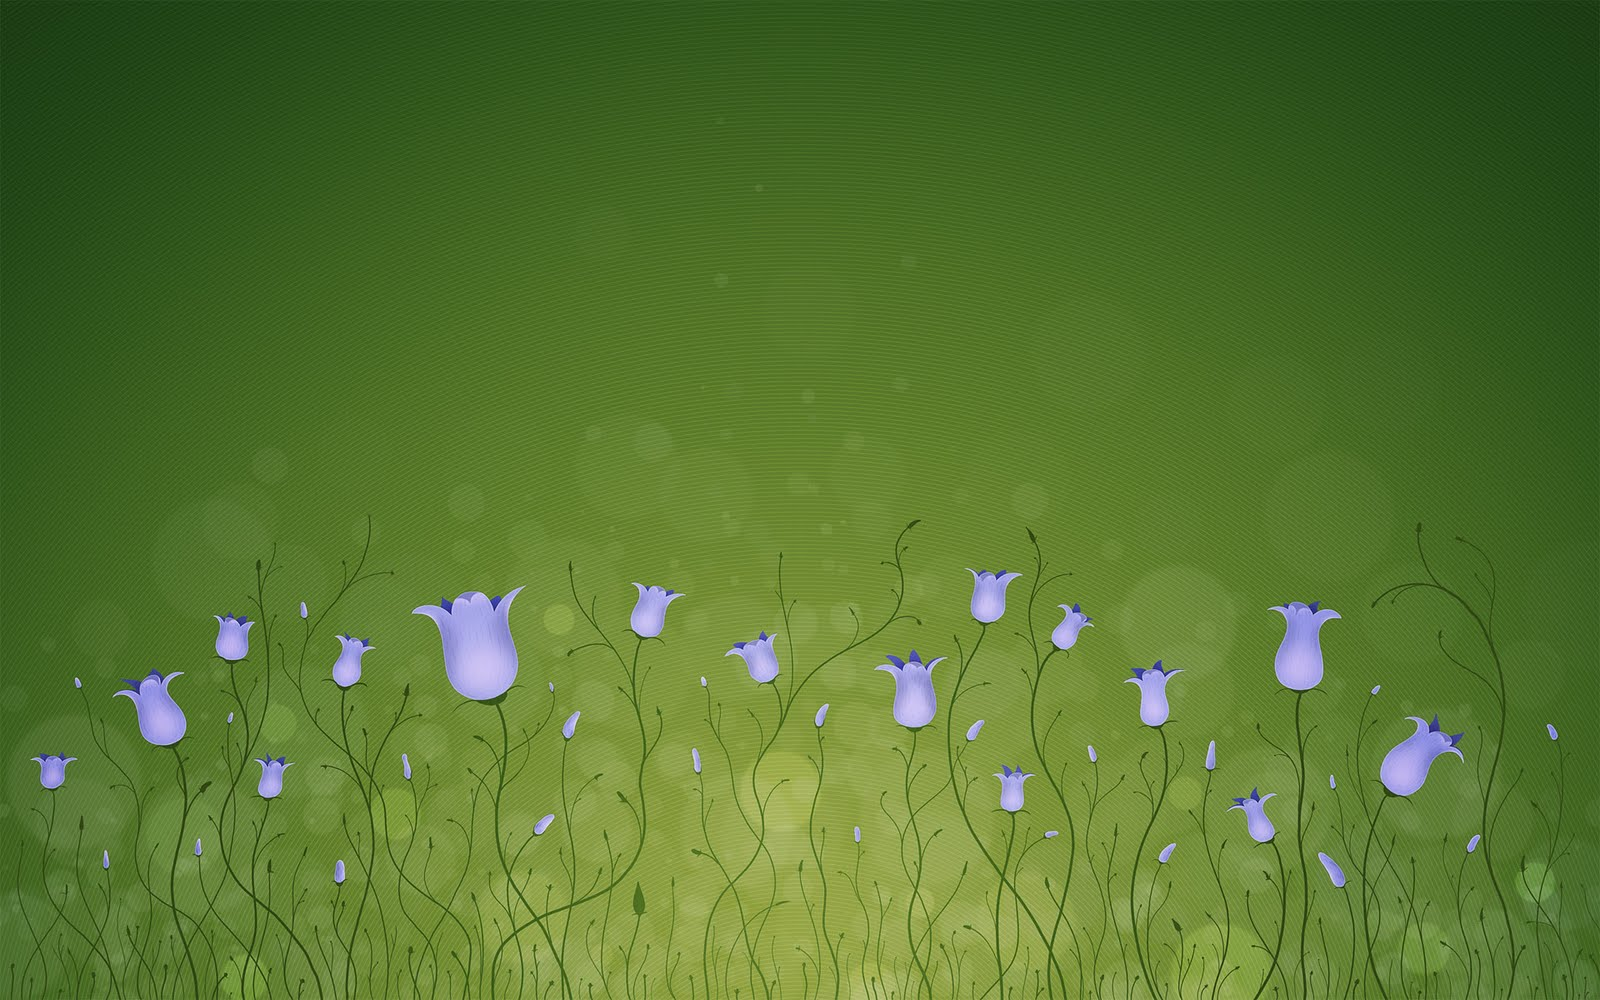 Imagem de Fundo - Flores estilizadas | Imagens de Fundo